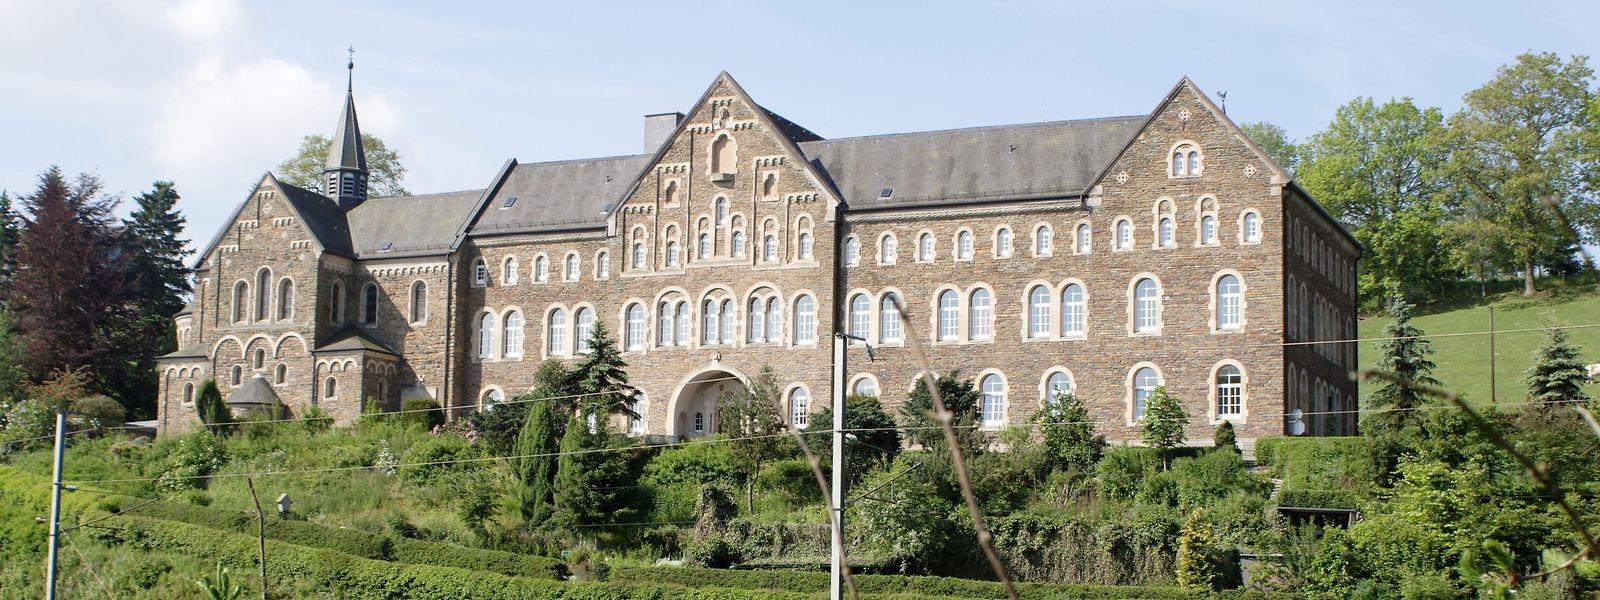 Das Kloster Fünfbrunnen bei Ulflingen ist heute ein idyllisch gelegener Rückzugsort.